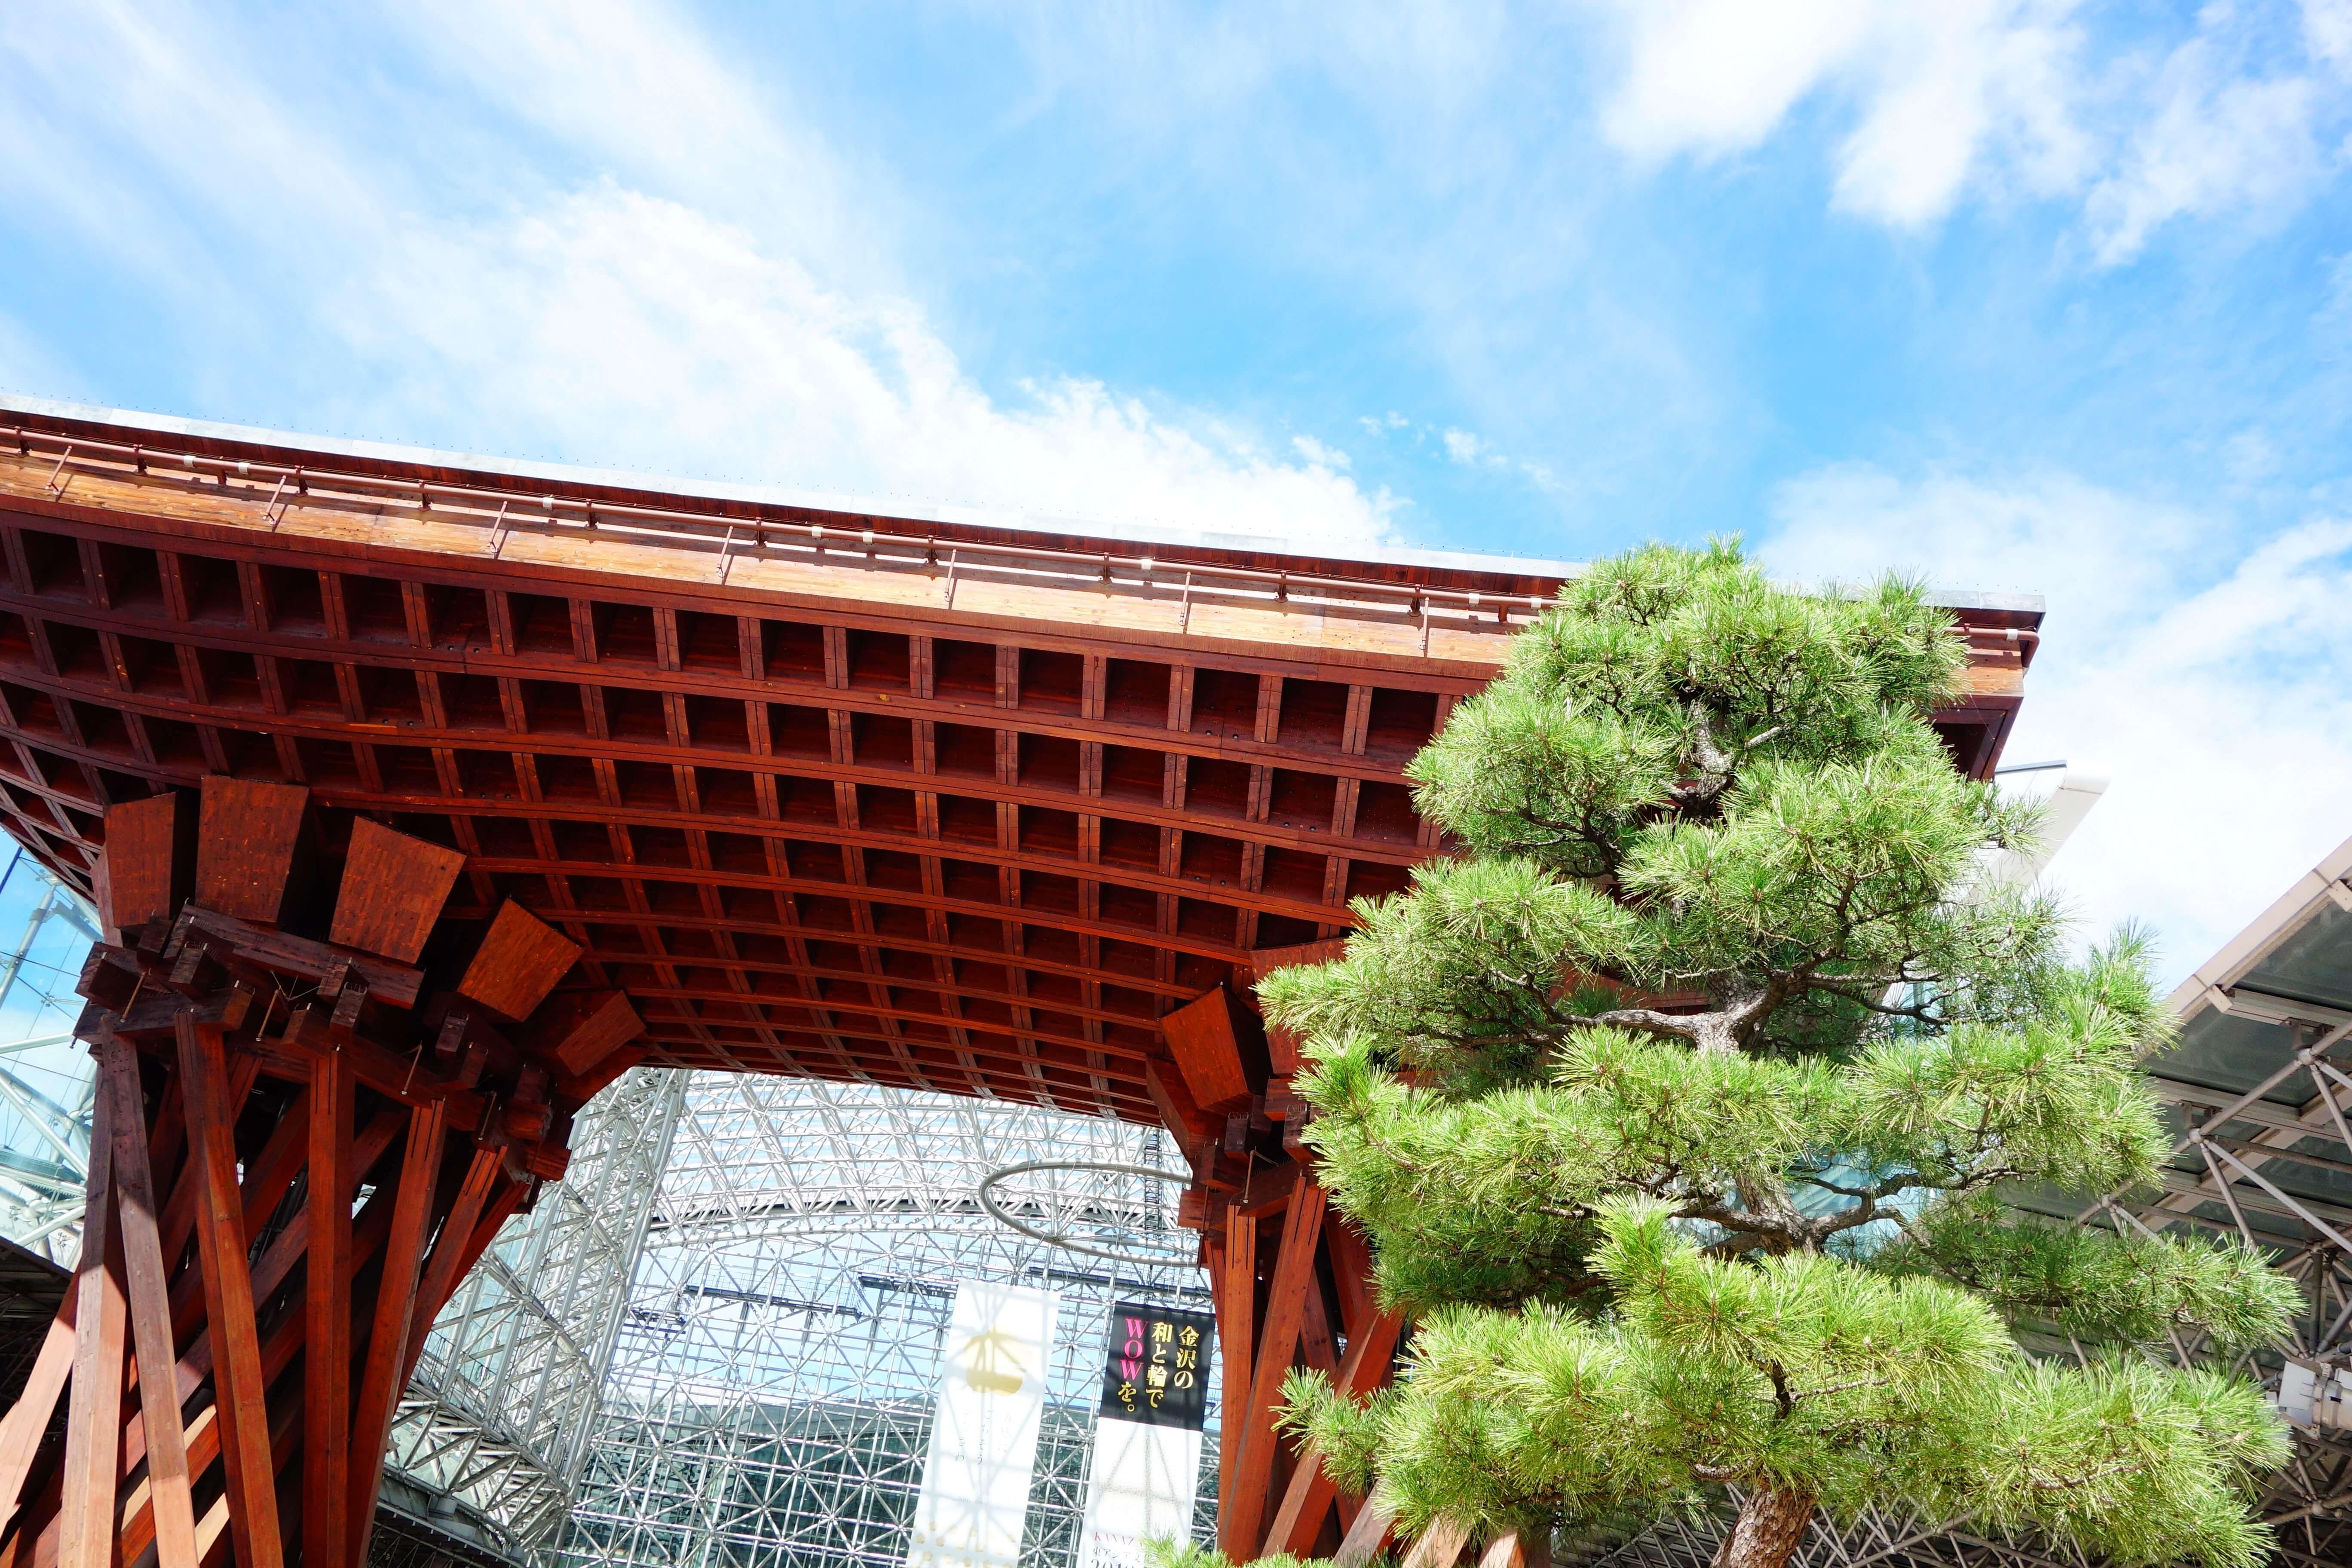 【石川県の天気】弁当忘れても傘忘れるな!全国で一番雨が多い県はココだ